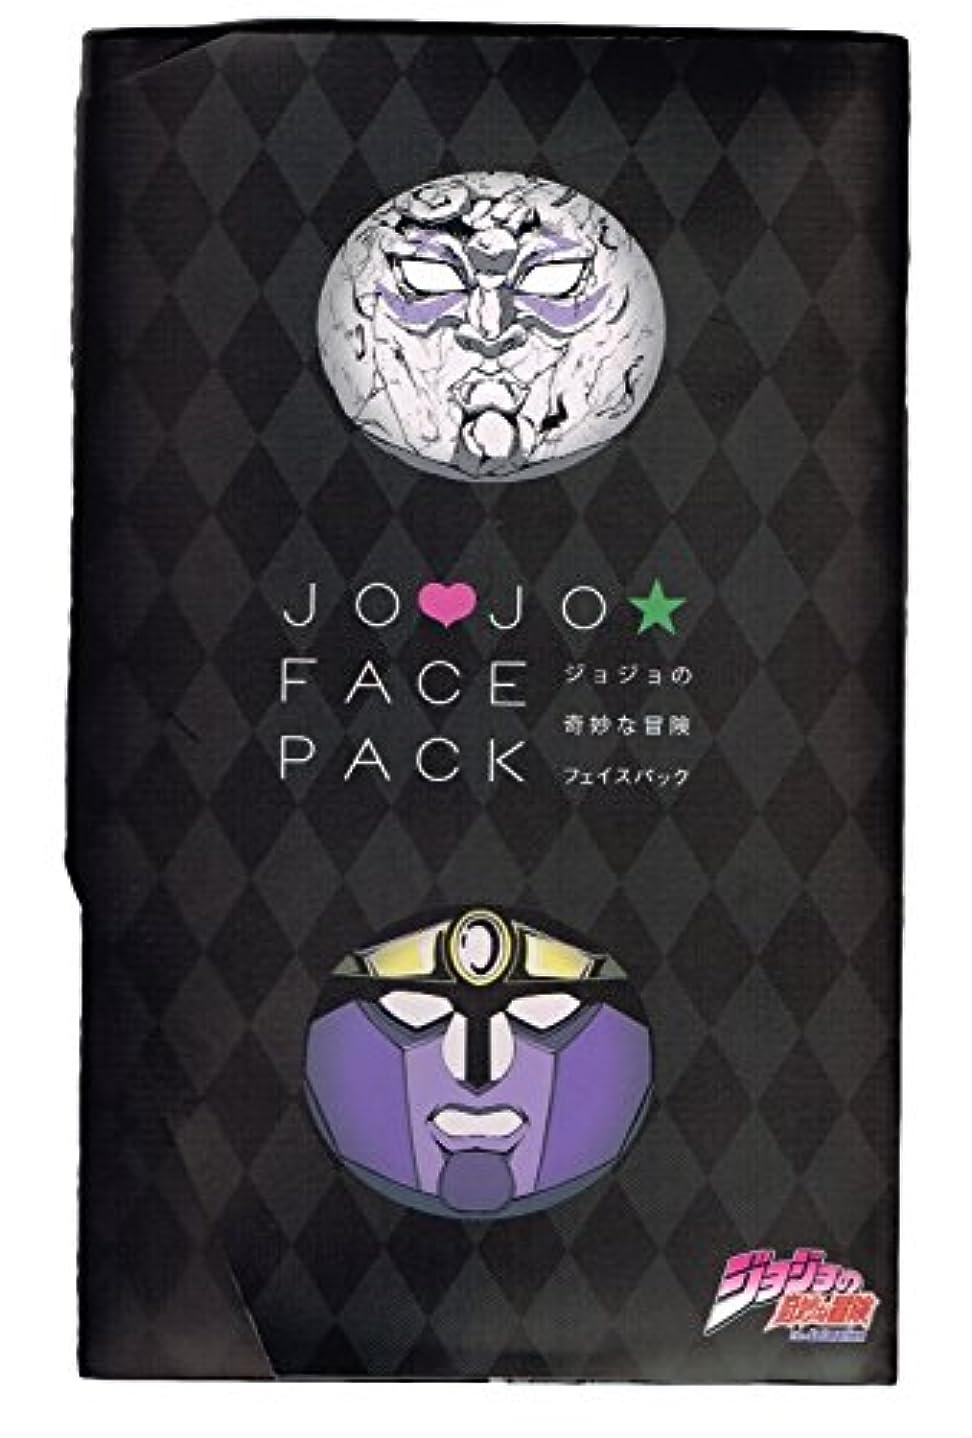 傷つける不幸宅配便ジョジョの奇妙な冒険フェイスパック 石仮面 / スタープラチナ